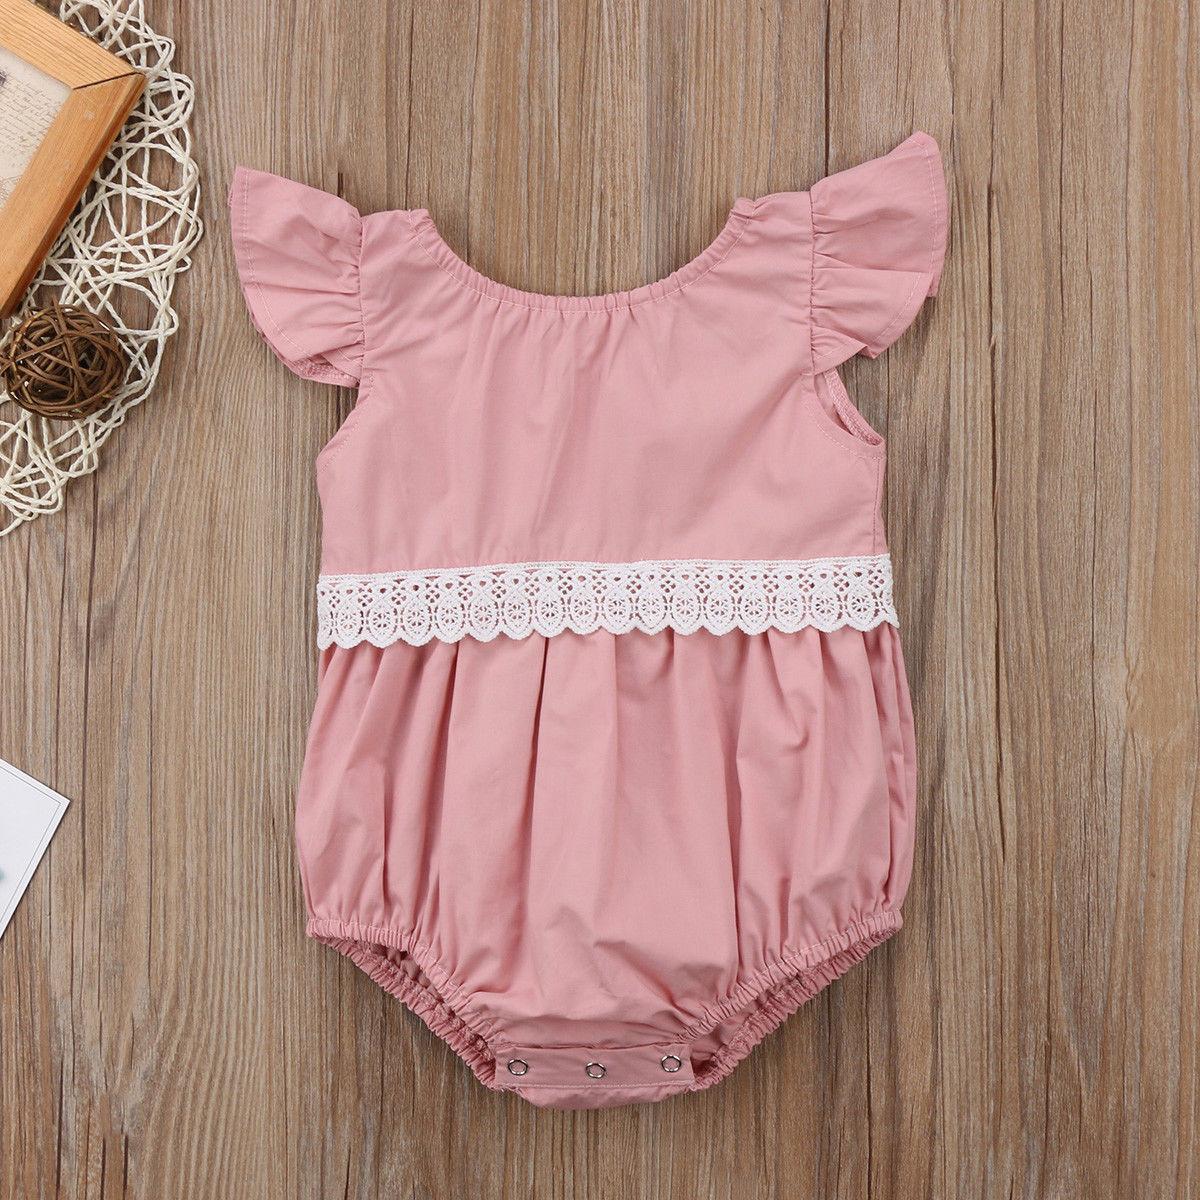 Newborn Kid Baby Girl Clothes Lace Jumpsuit  Bodysuit Sunsuit Outfit Set N